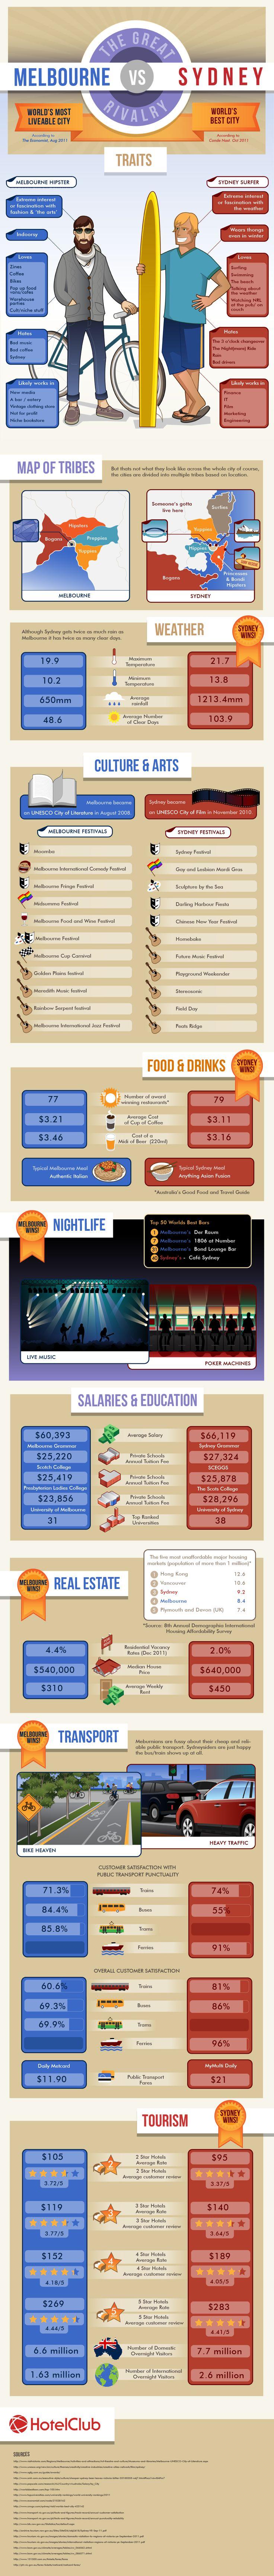 Melbourne v Sydney. A great infographic! I'm Team Melbourne all the way! #infographic #melbourne